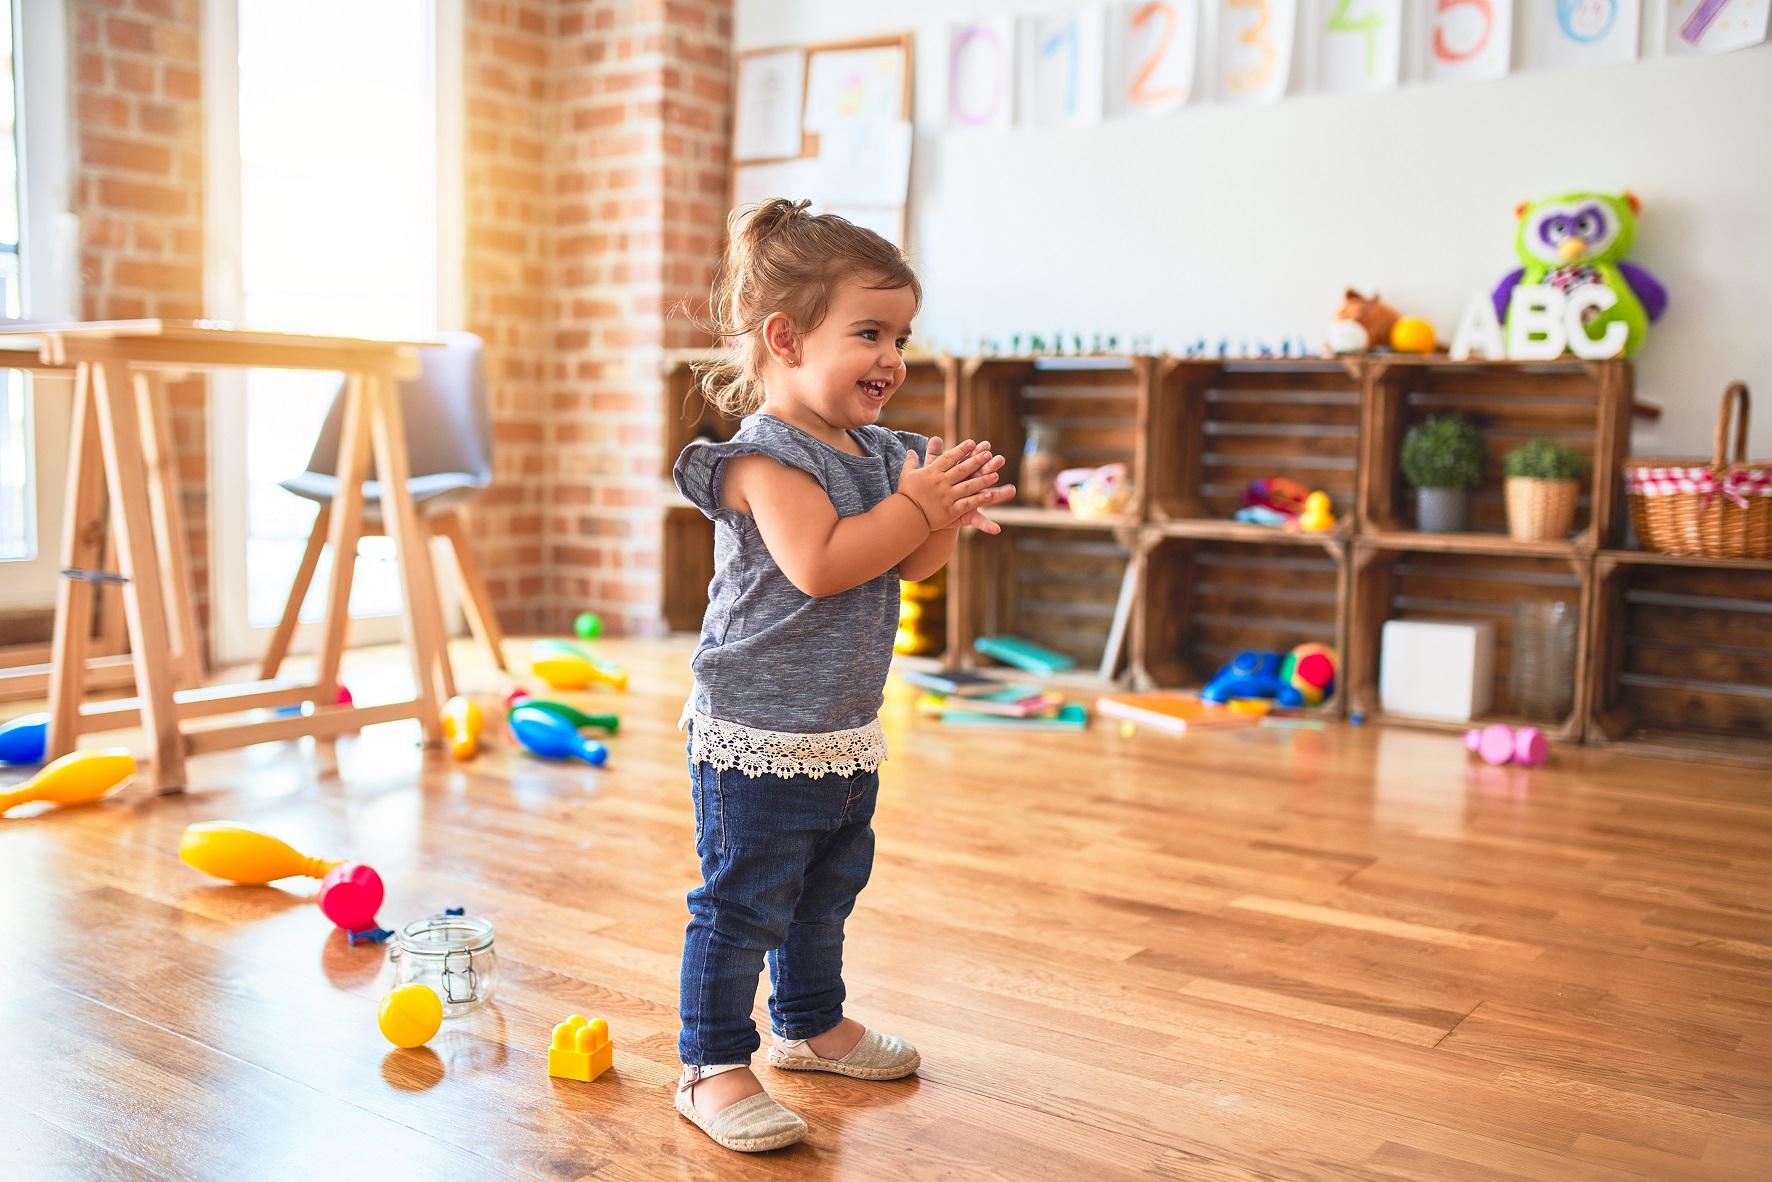 ¿Cómo entretener a los niños y niñas en casa?